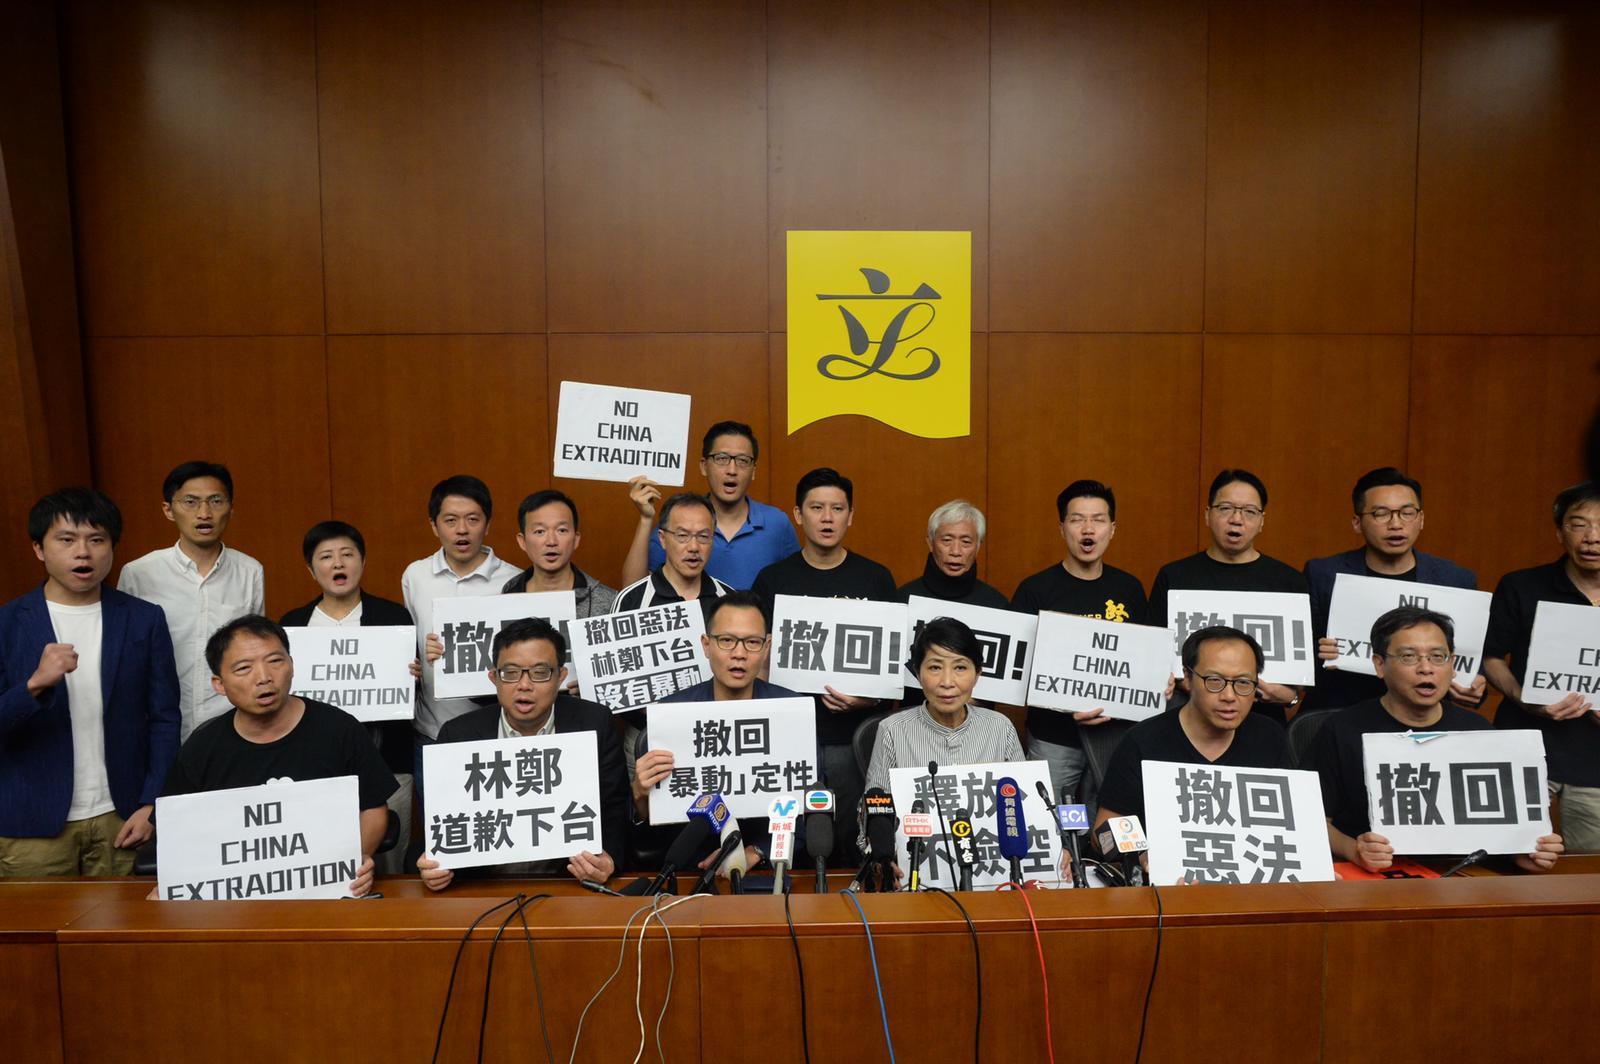 泛民会见传媒时强调四个诉求。